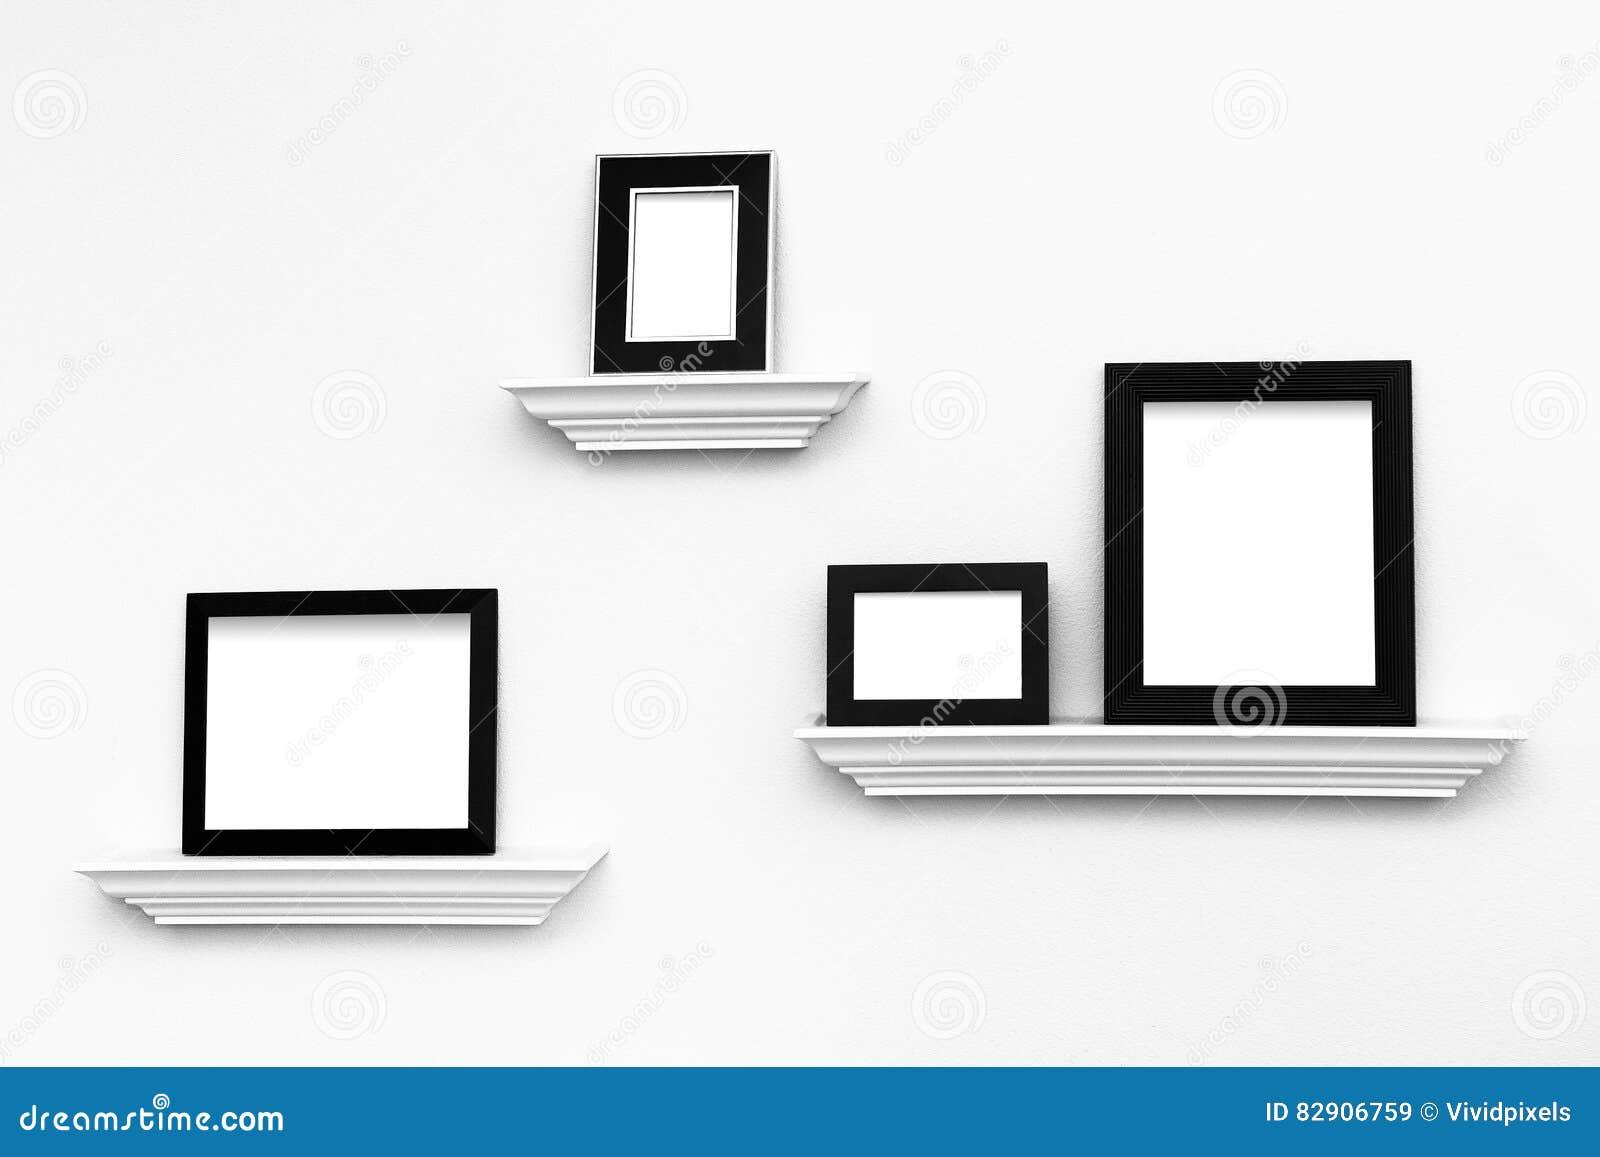 Marcos En Blanco Múltiples En Las Repisas En Una Pared Imagen de ...